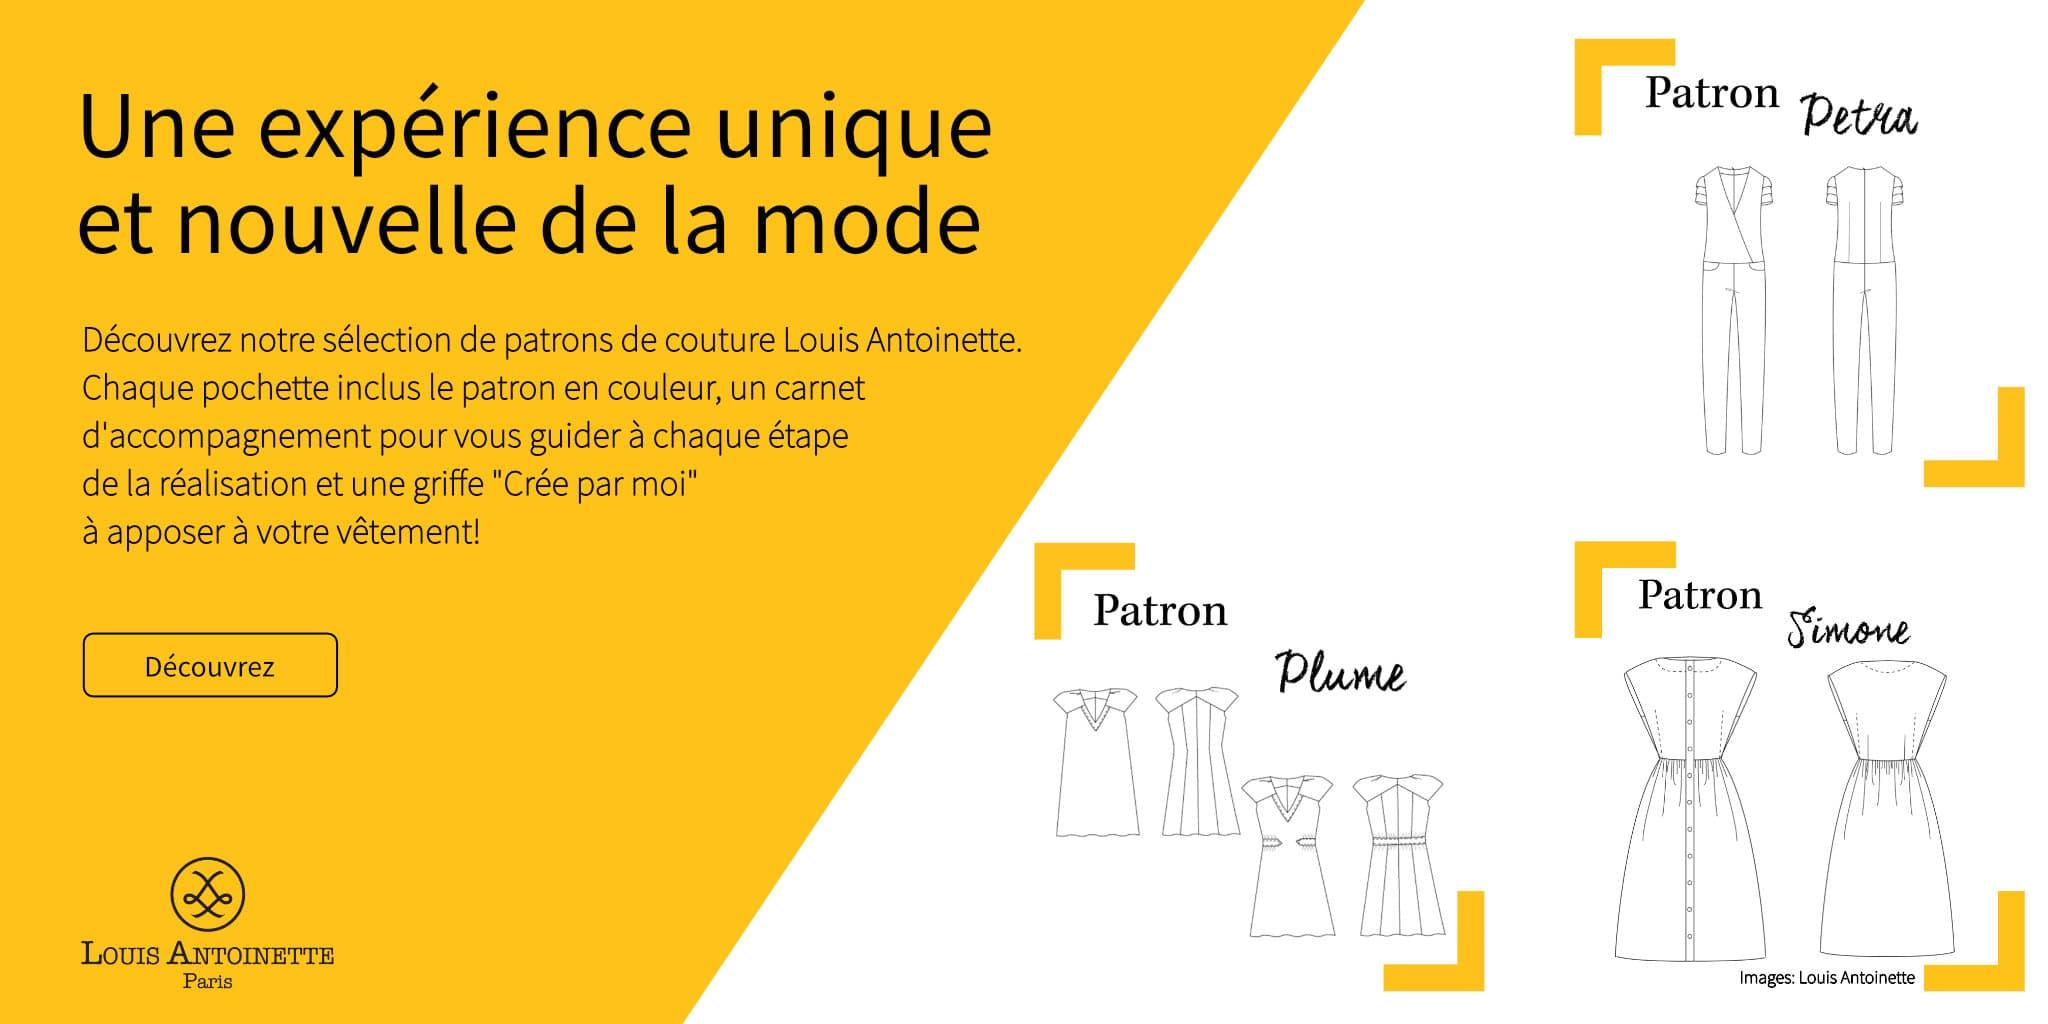 Patrons de couture Louis Antoinette @ Coup de coudre